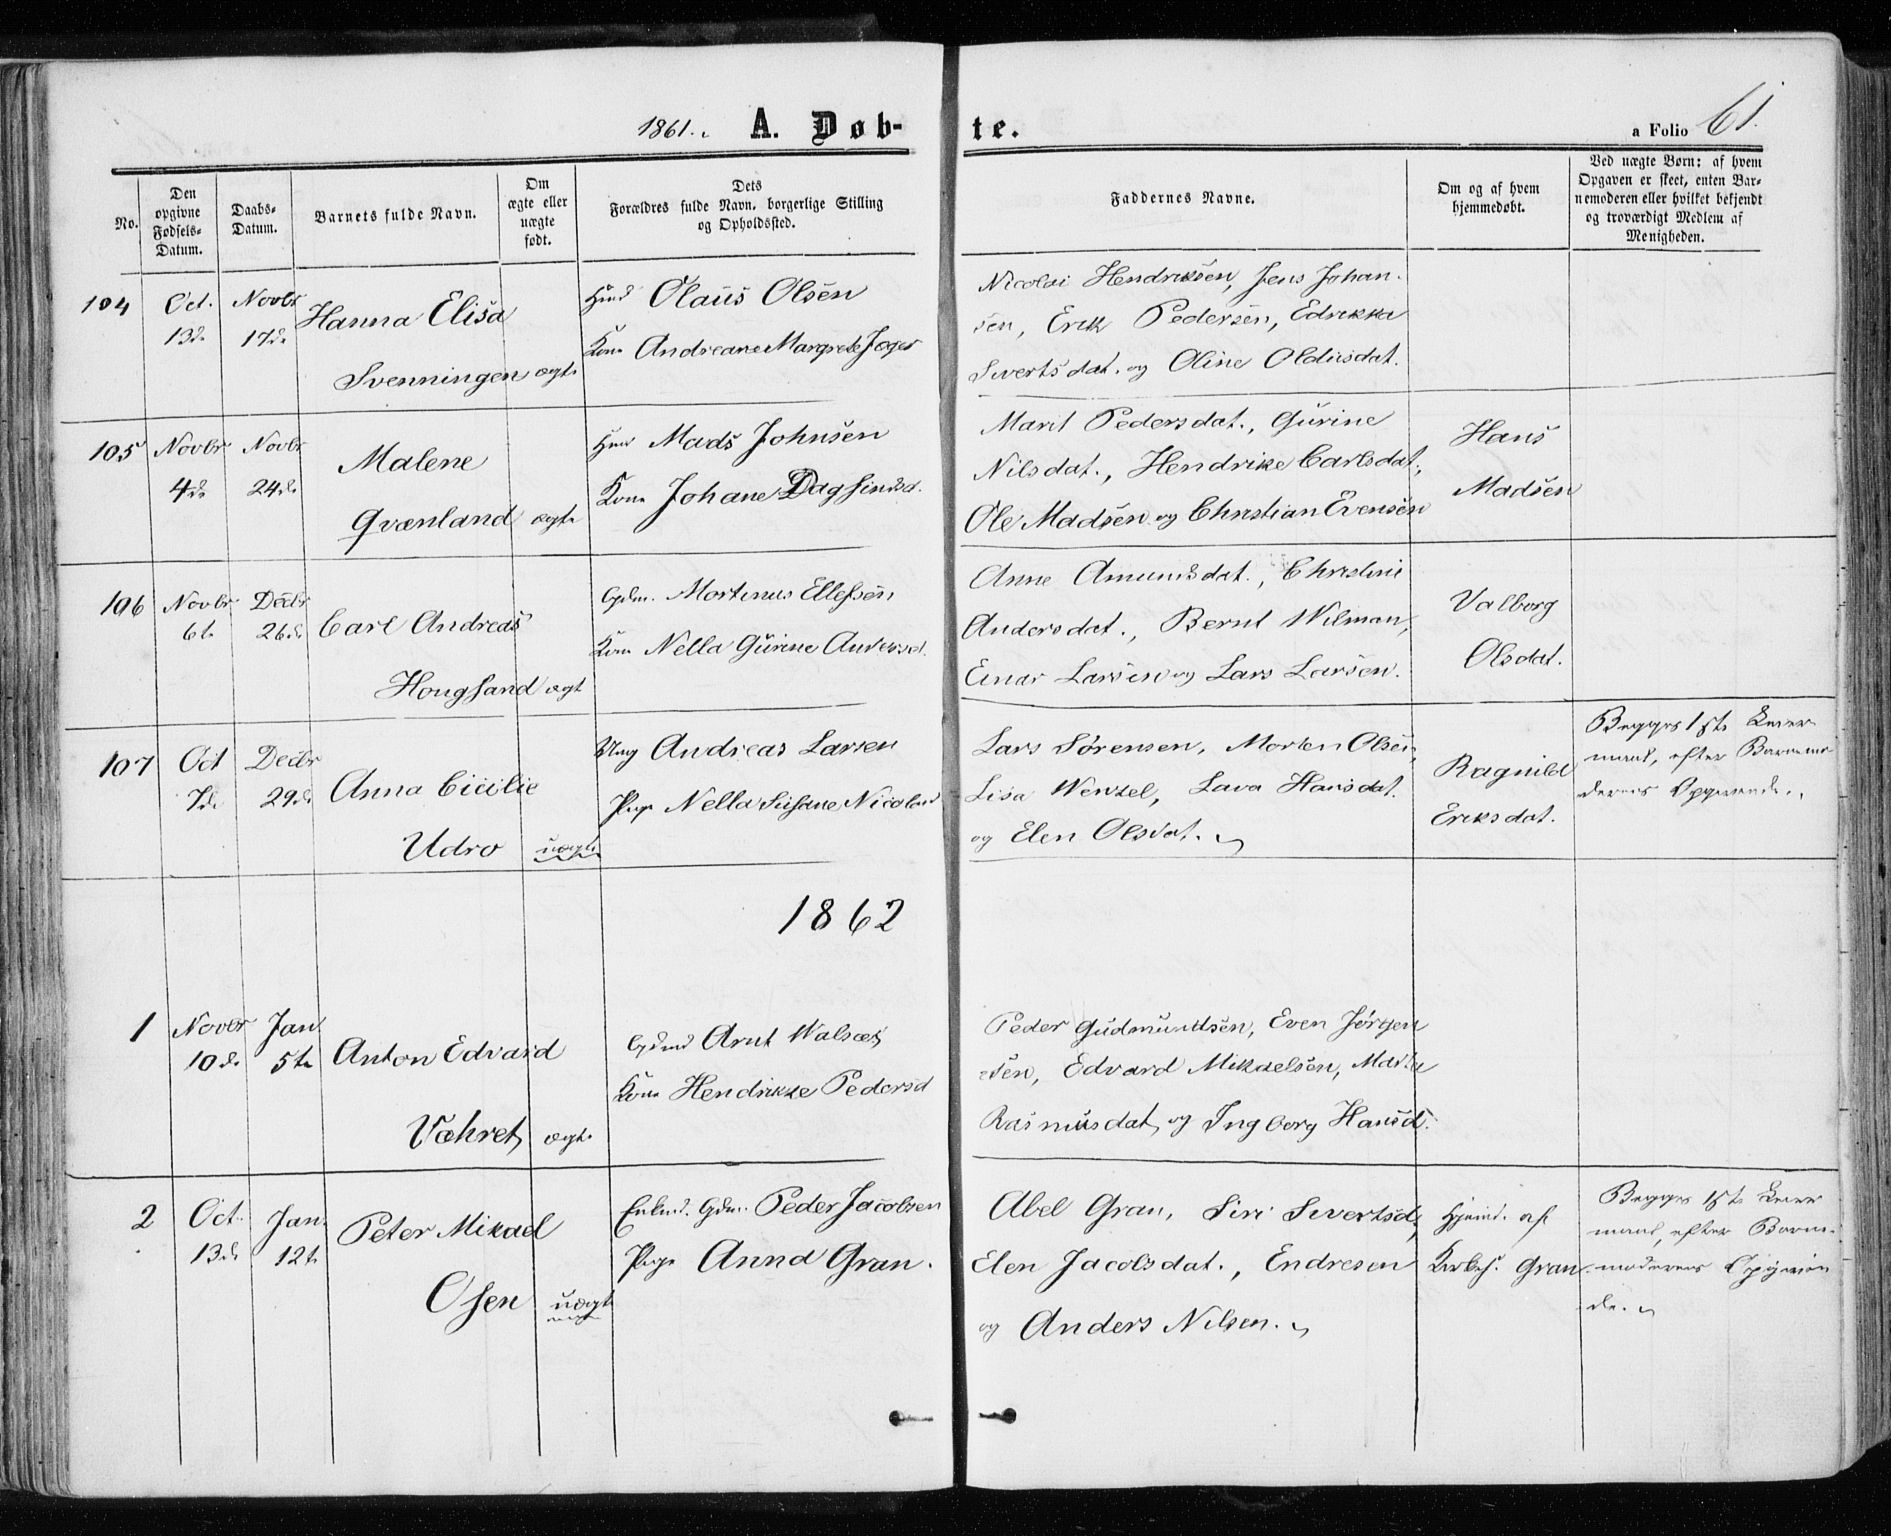 SAT, Ministerialprotokoller, klokkerbøker og fødselsregistre - Sør-Trøndelag, 657/L0705: Ministerialbok nr. 657A06, 1858-1867, s. 61